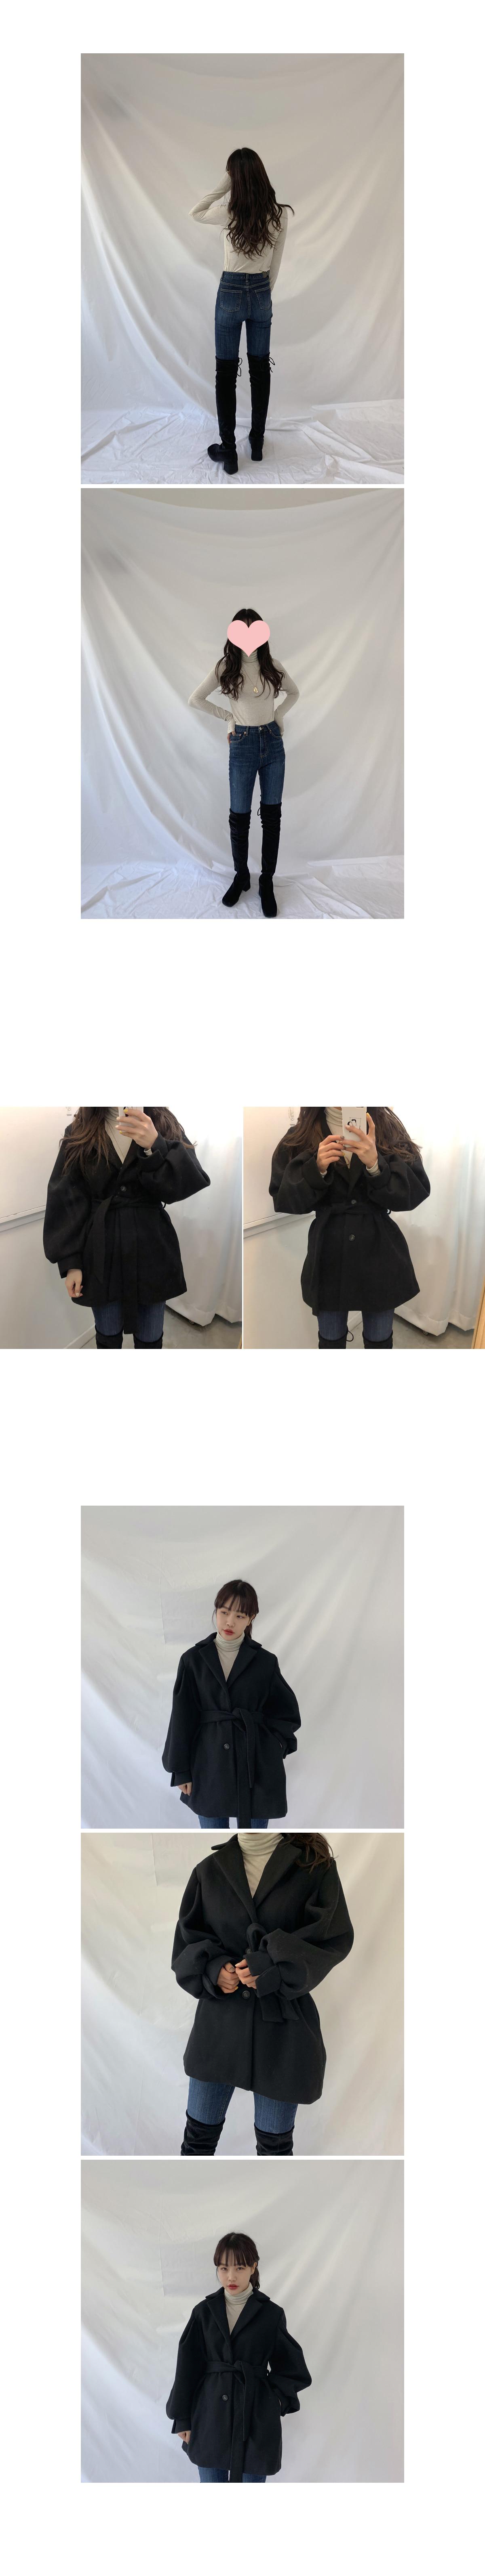 Puff belt coat